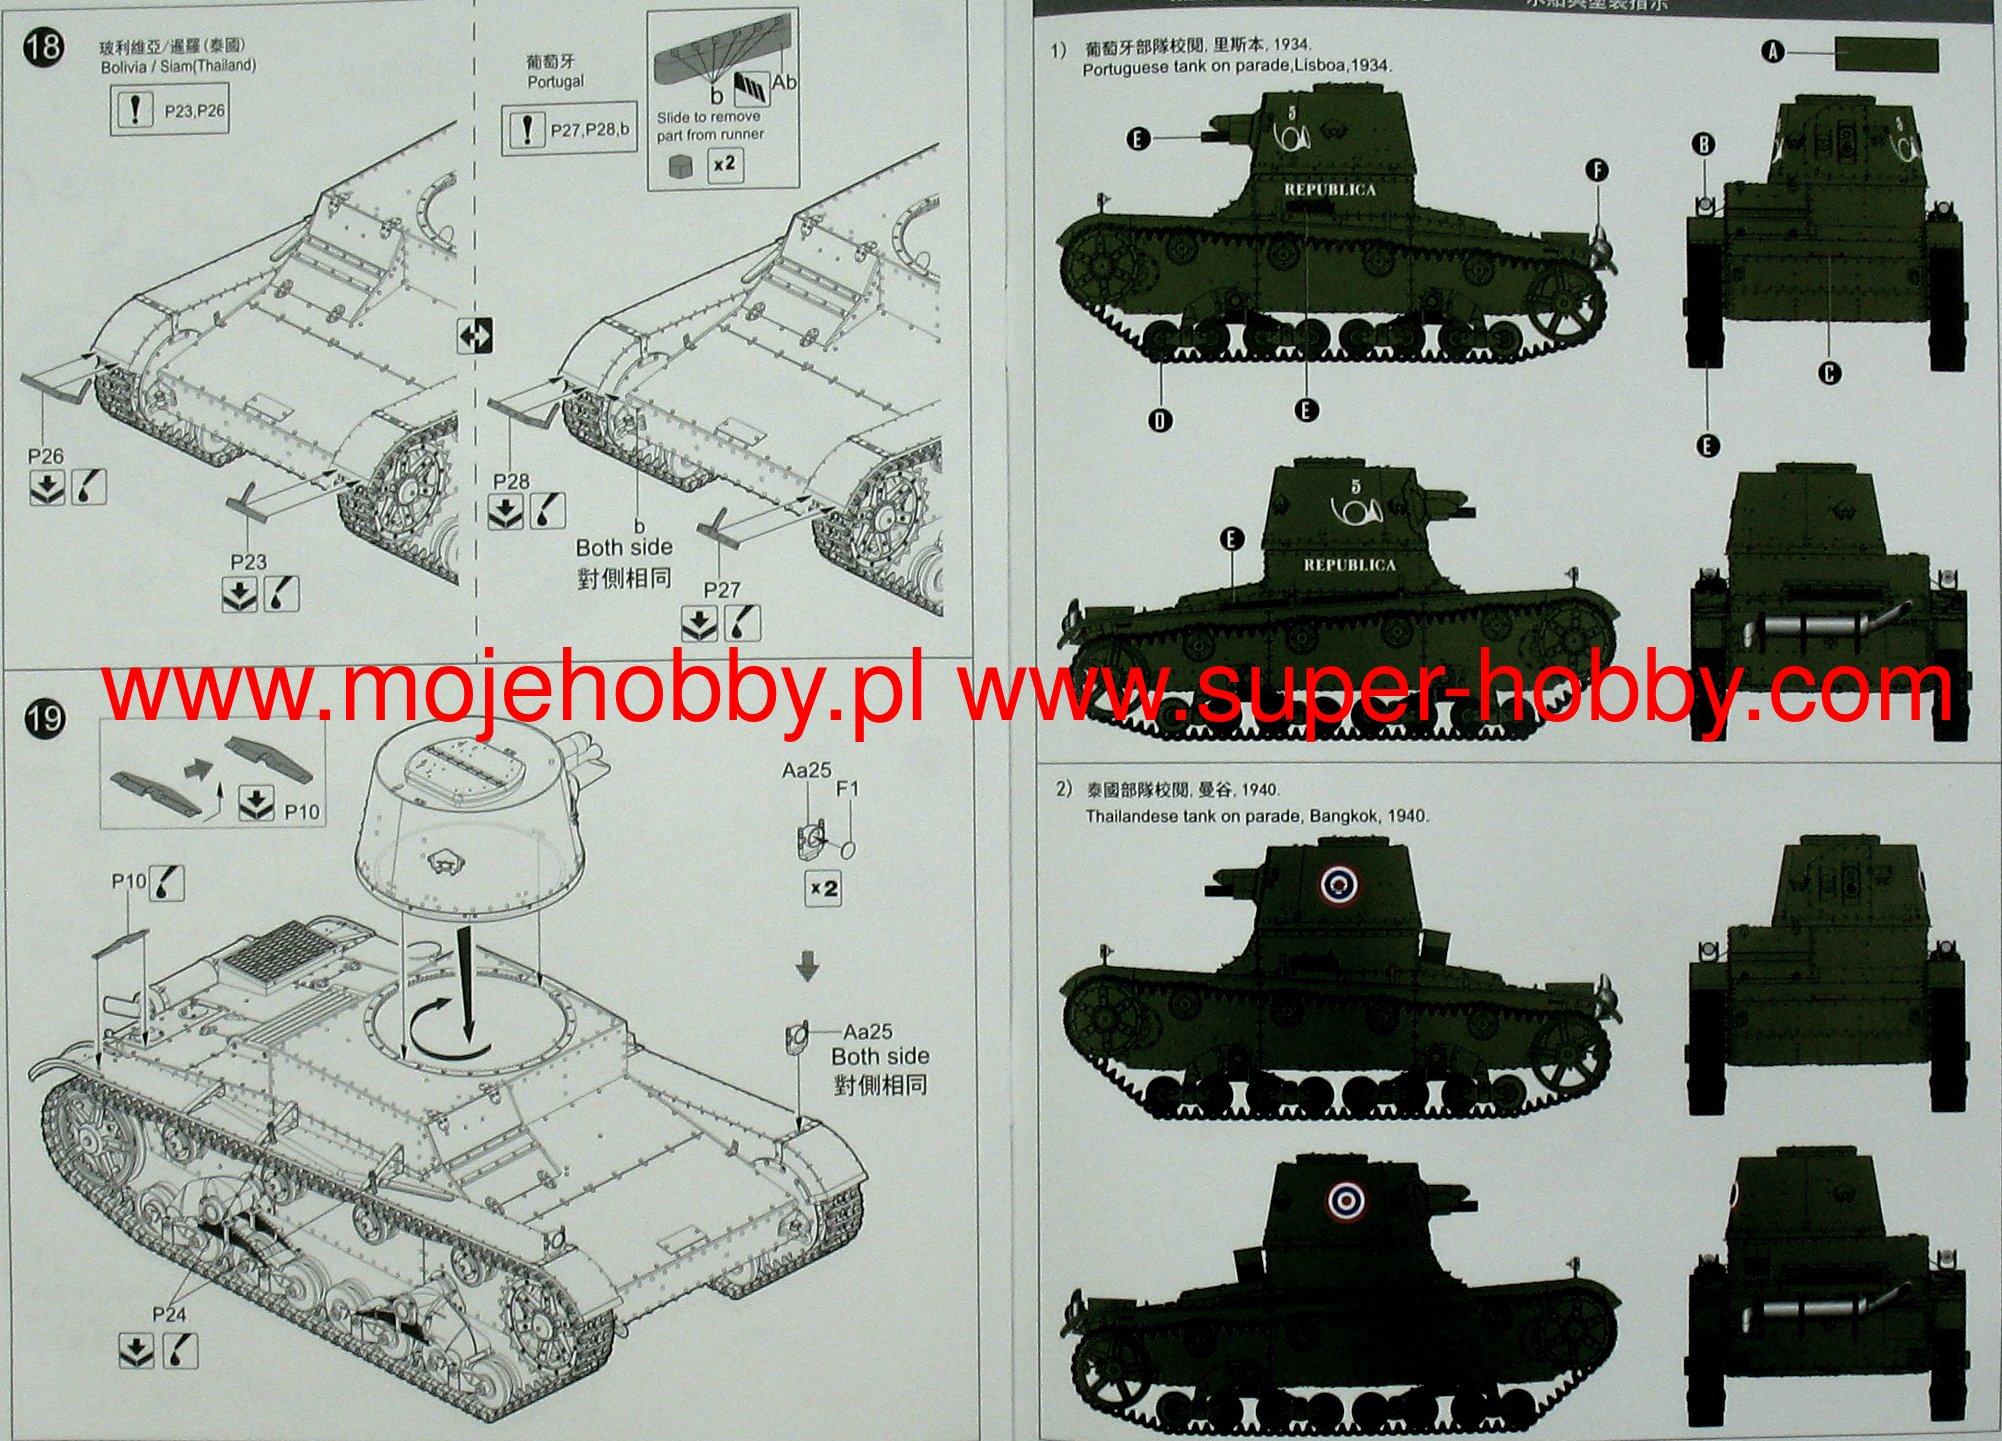 Riich Models CV35007-1//35 Vickers 6-Ton Light Tank Alt B Early Prod.-Welded T.